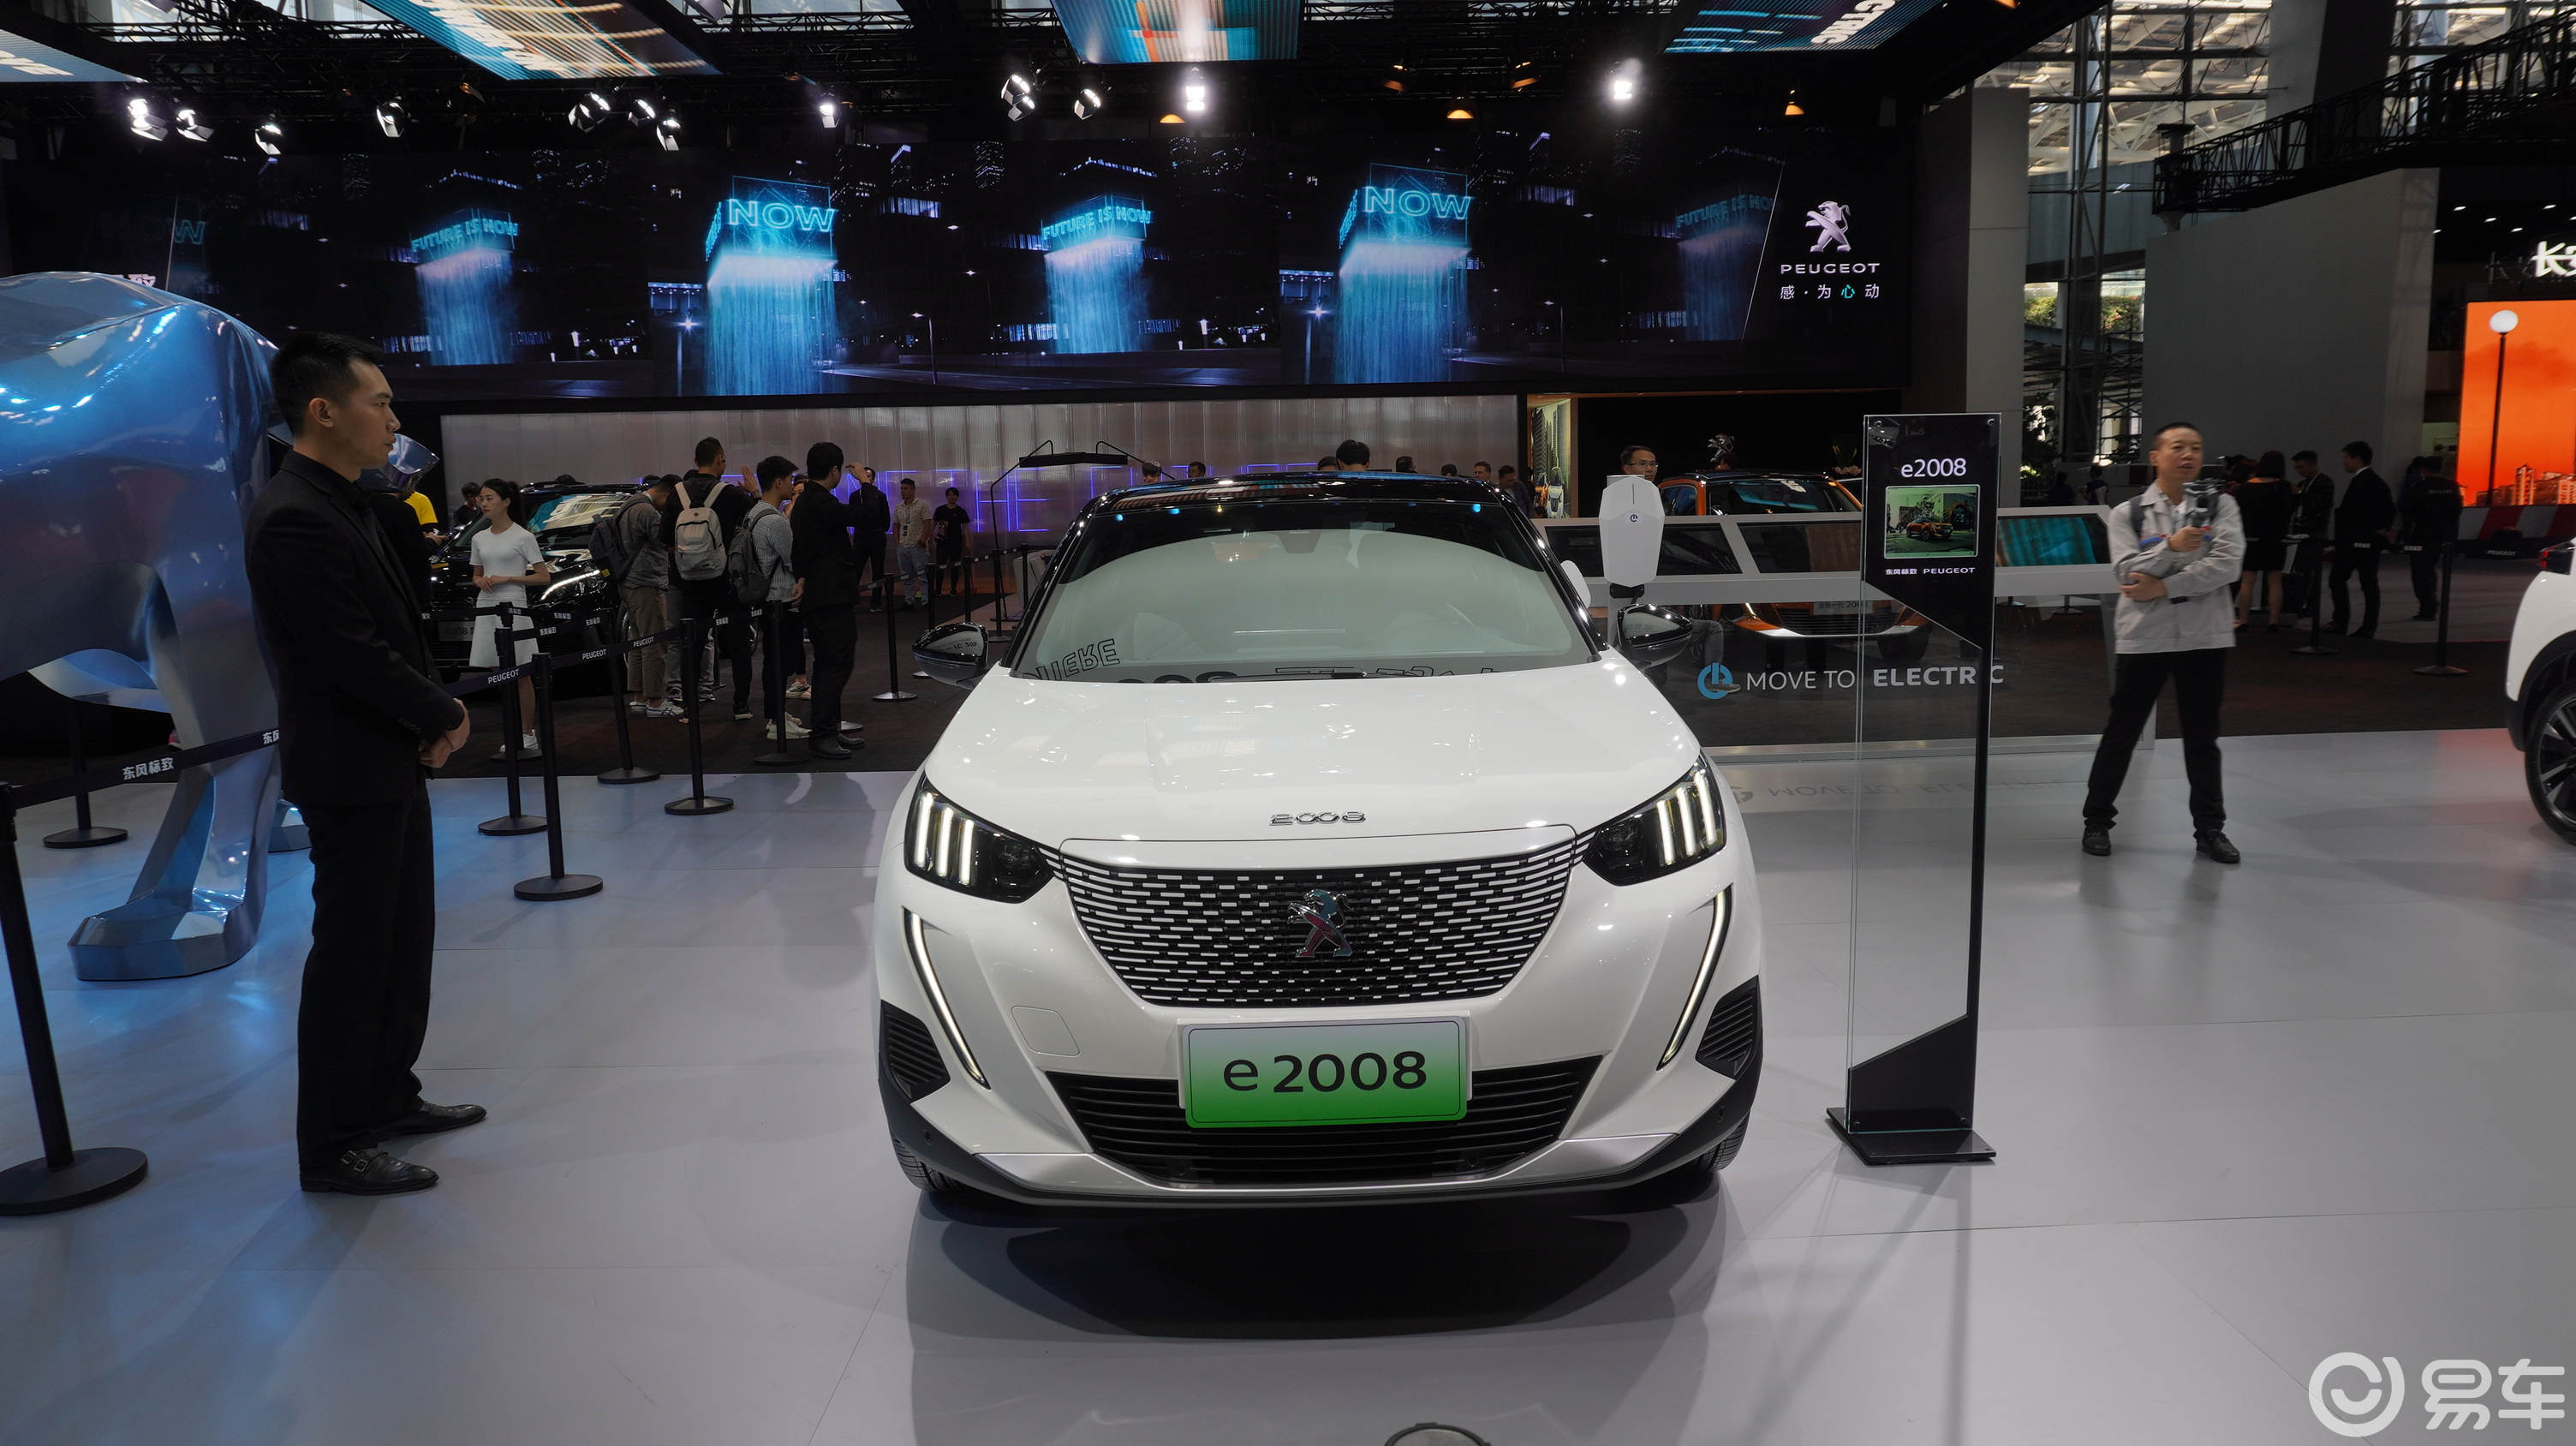 2019广州车展:迈向电动领域,标志e2008能行吗?